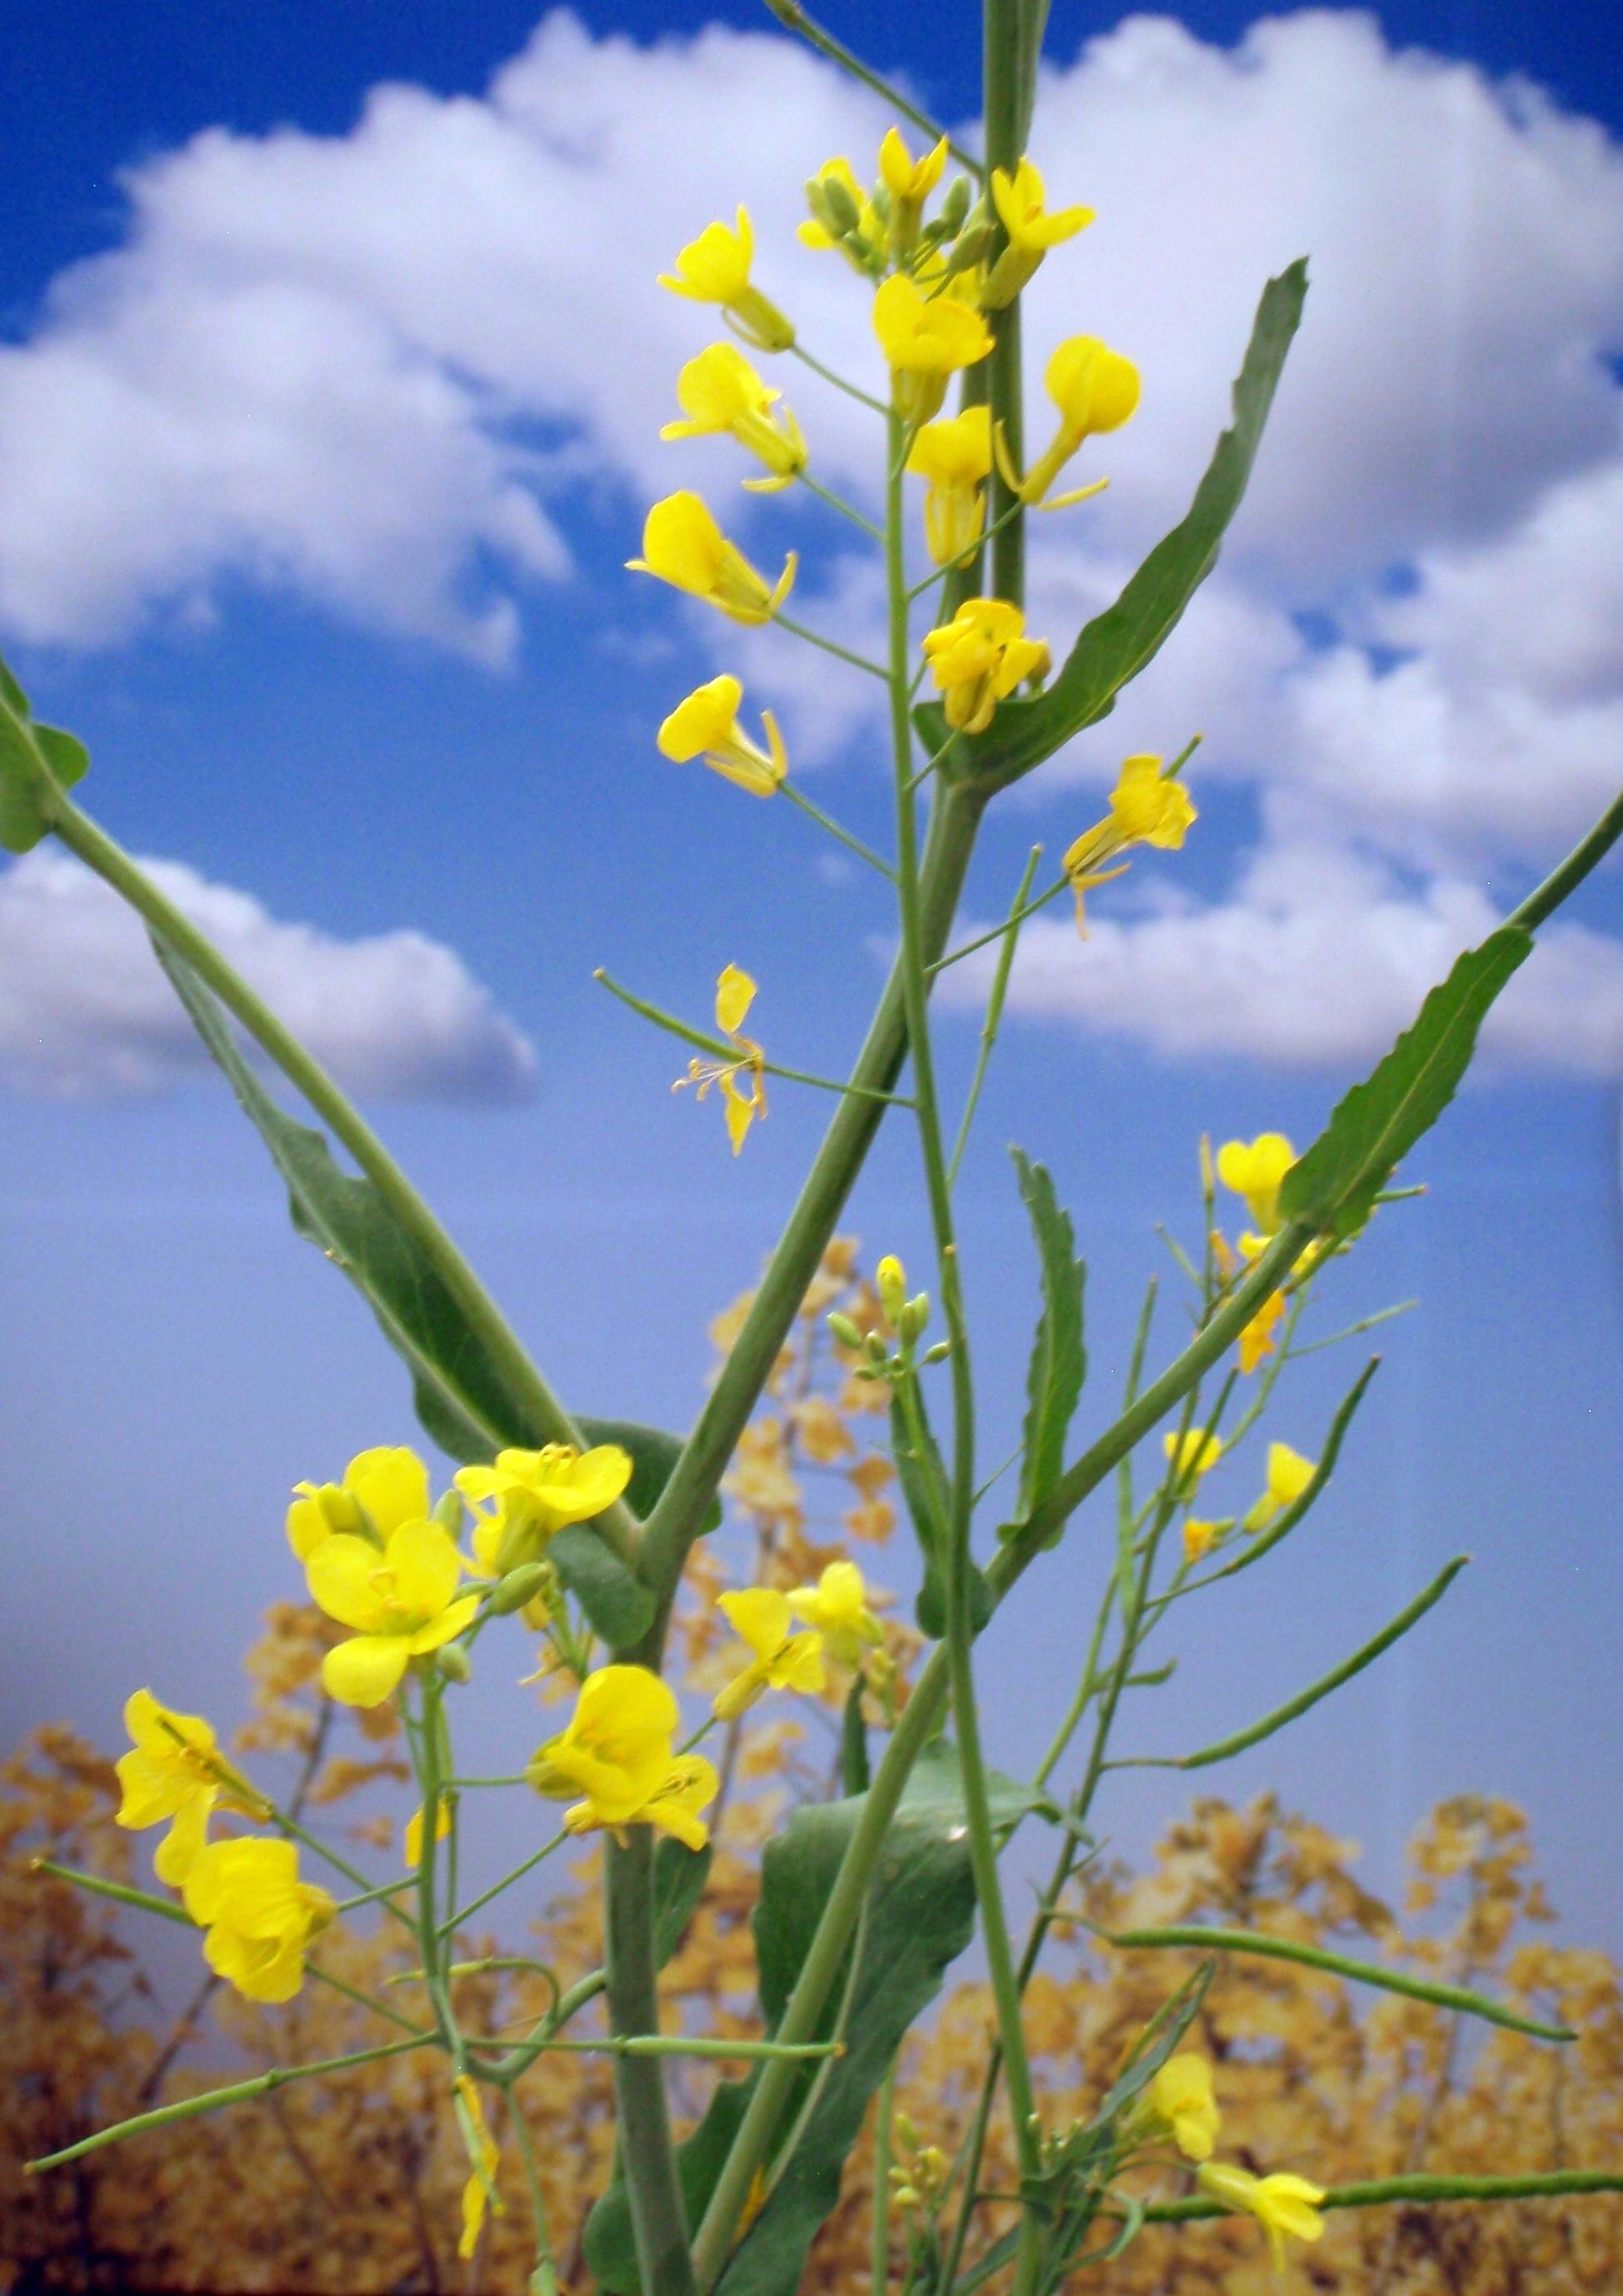 canola flower garden - photo #42